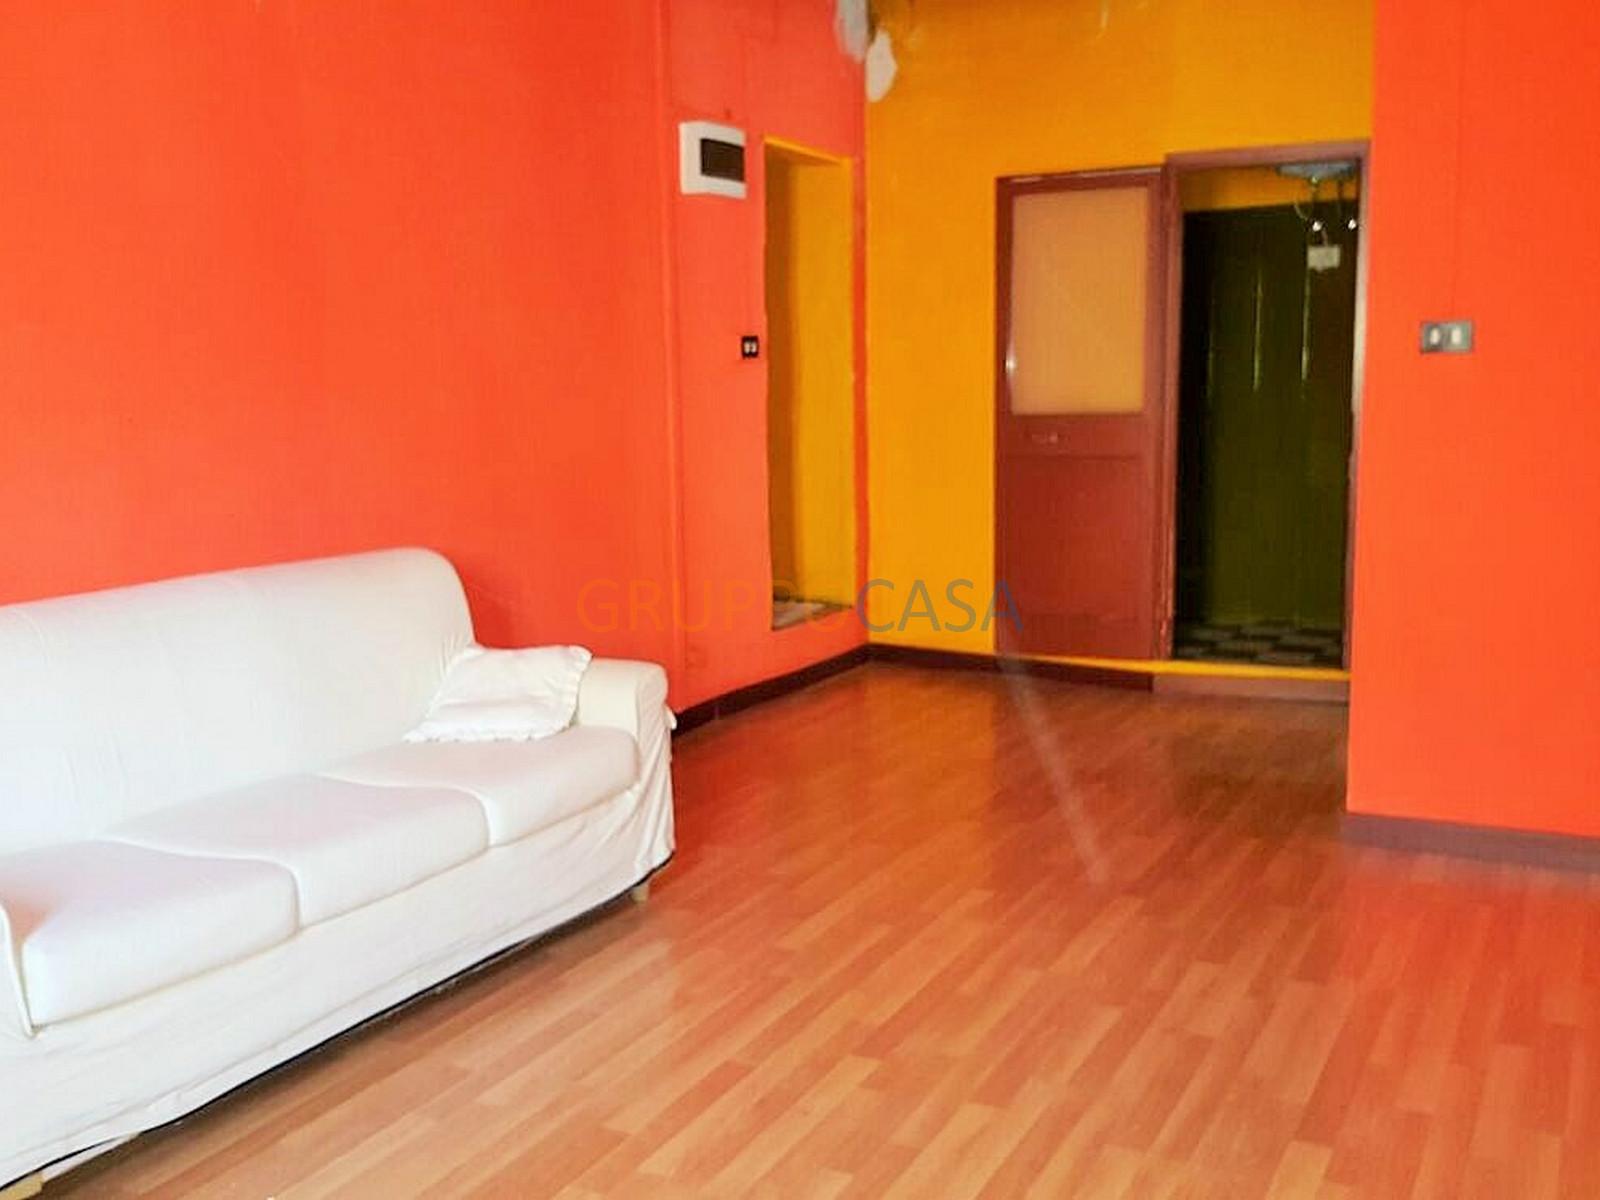 Appartamento in affitto a Pescia, 3 locali, zona Località: Centro, prezzo € 350 | Cambio Casa.it